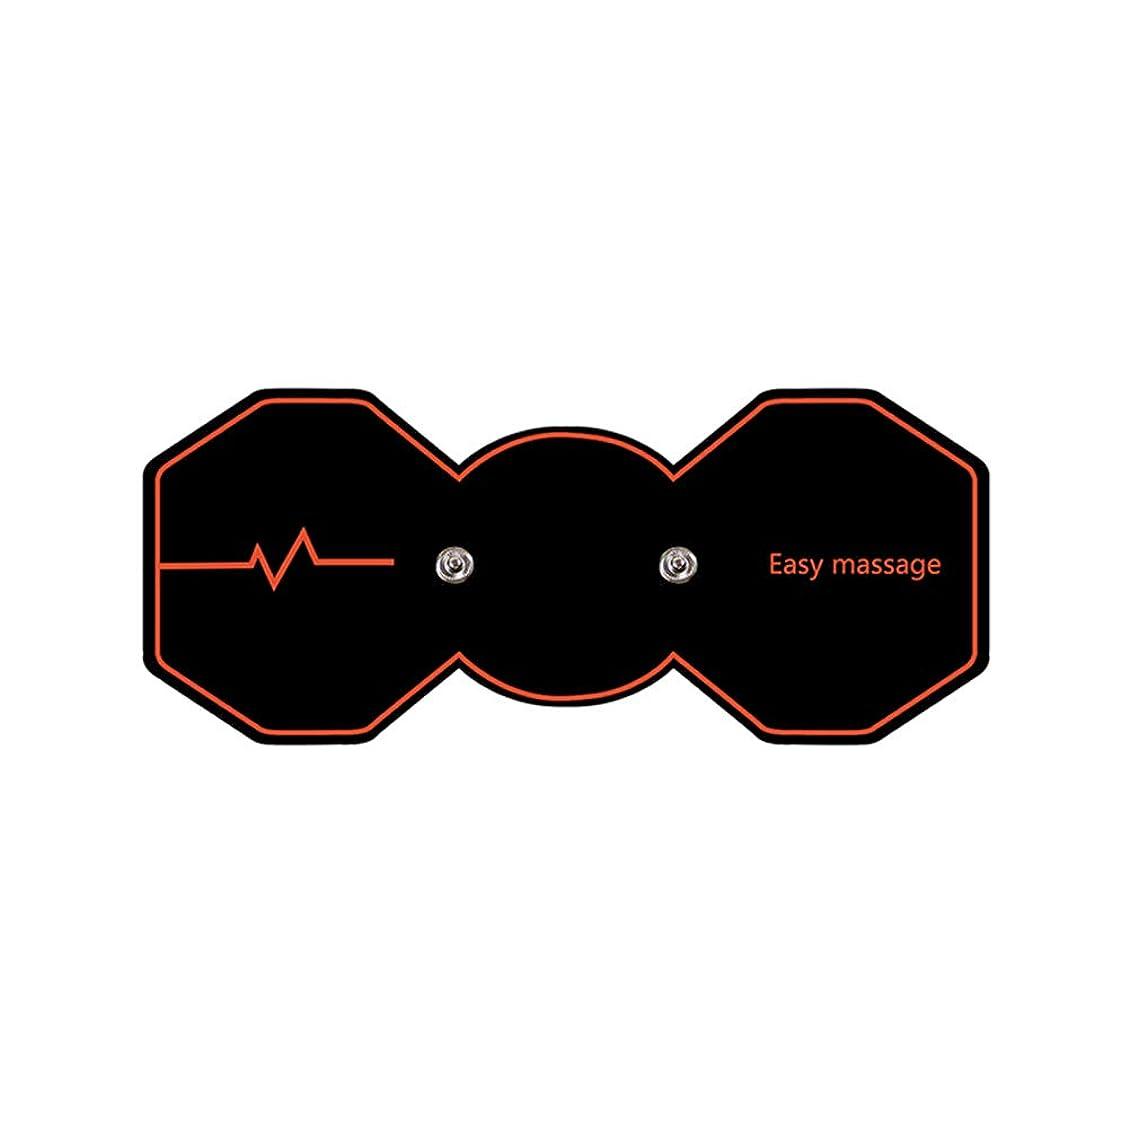 フォルダ振り向くフォーカスSUPVOX 電気パルスリラックスマッサージパッド電気痩身パッドボディ痩身筋肉マッサージャー(ブラック)